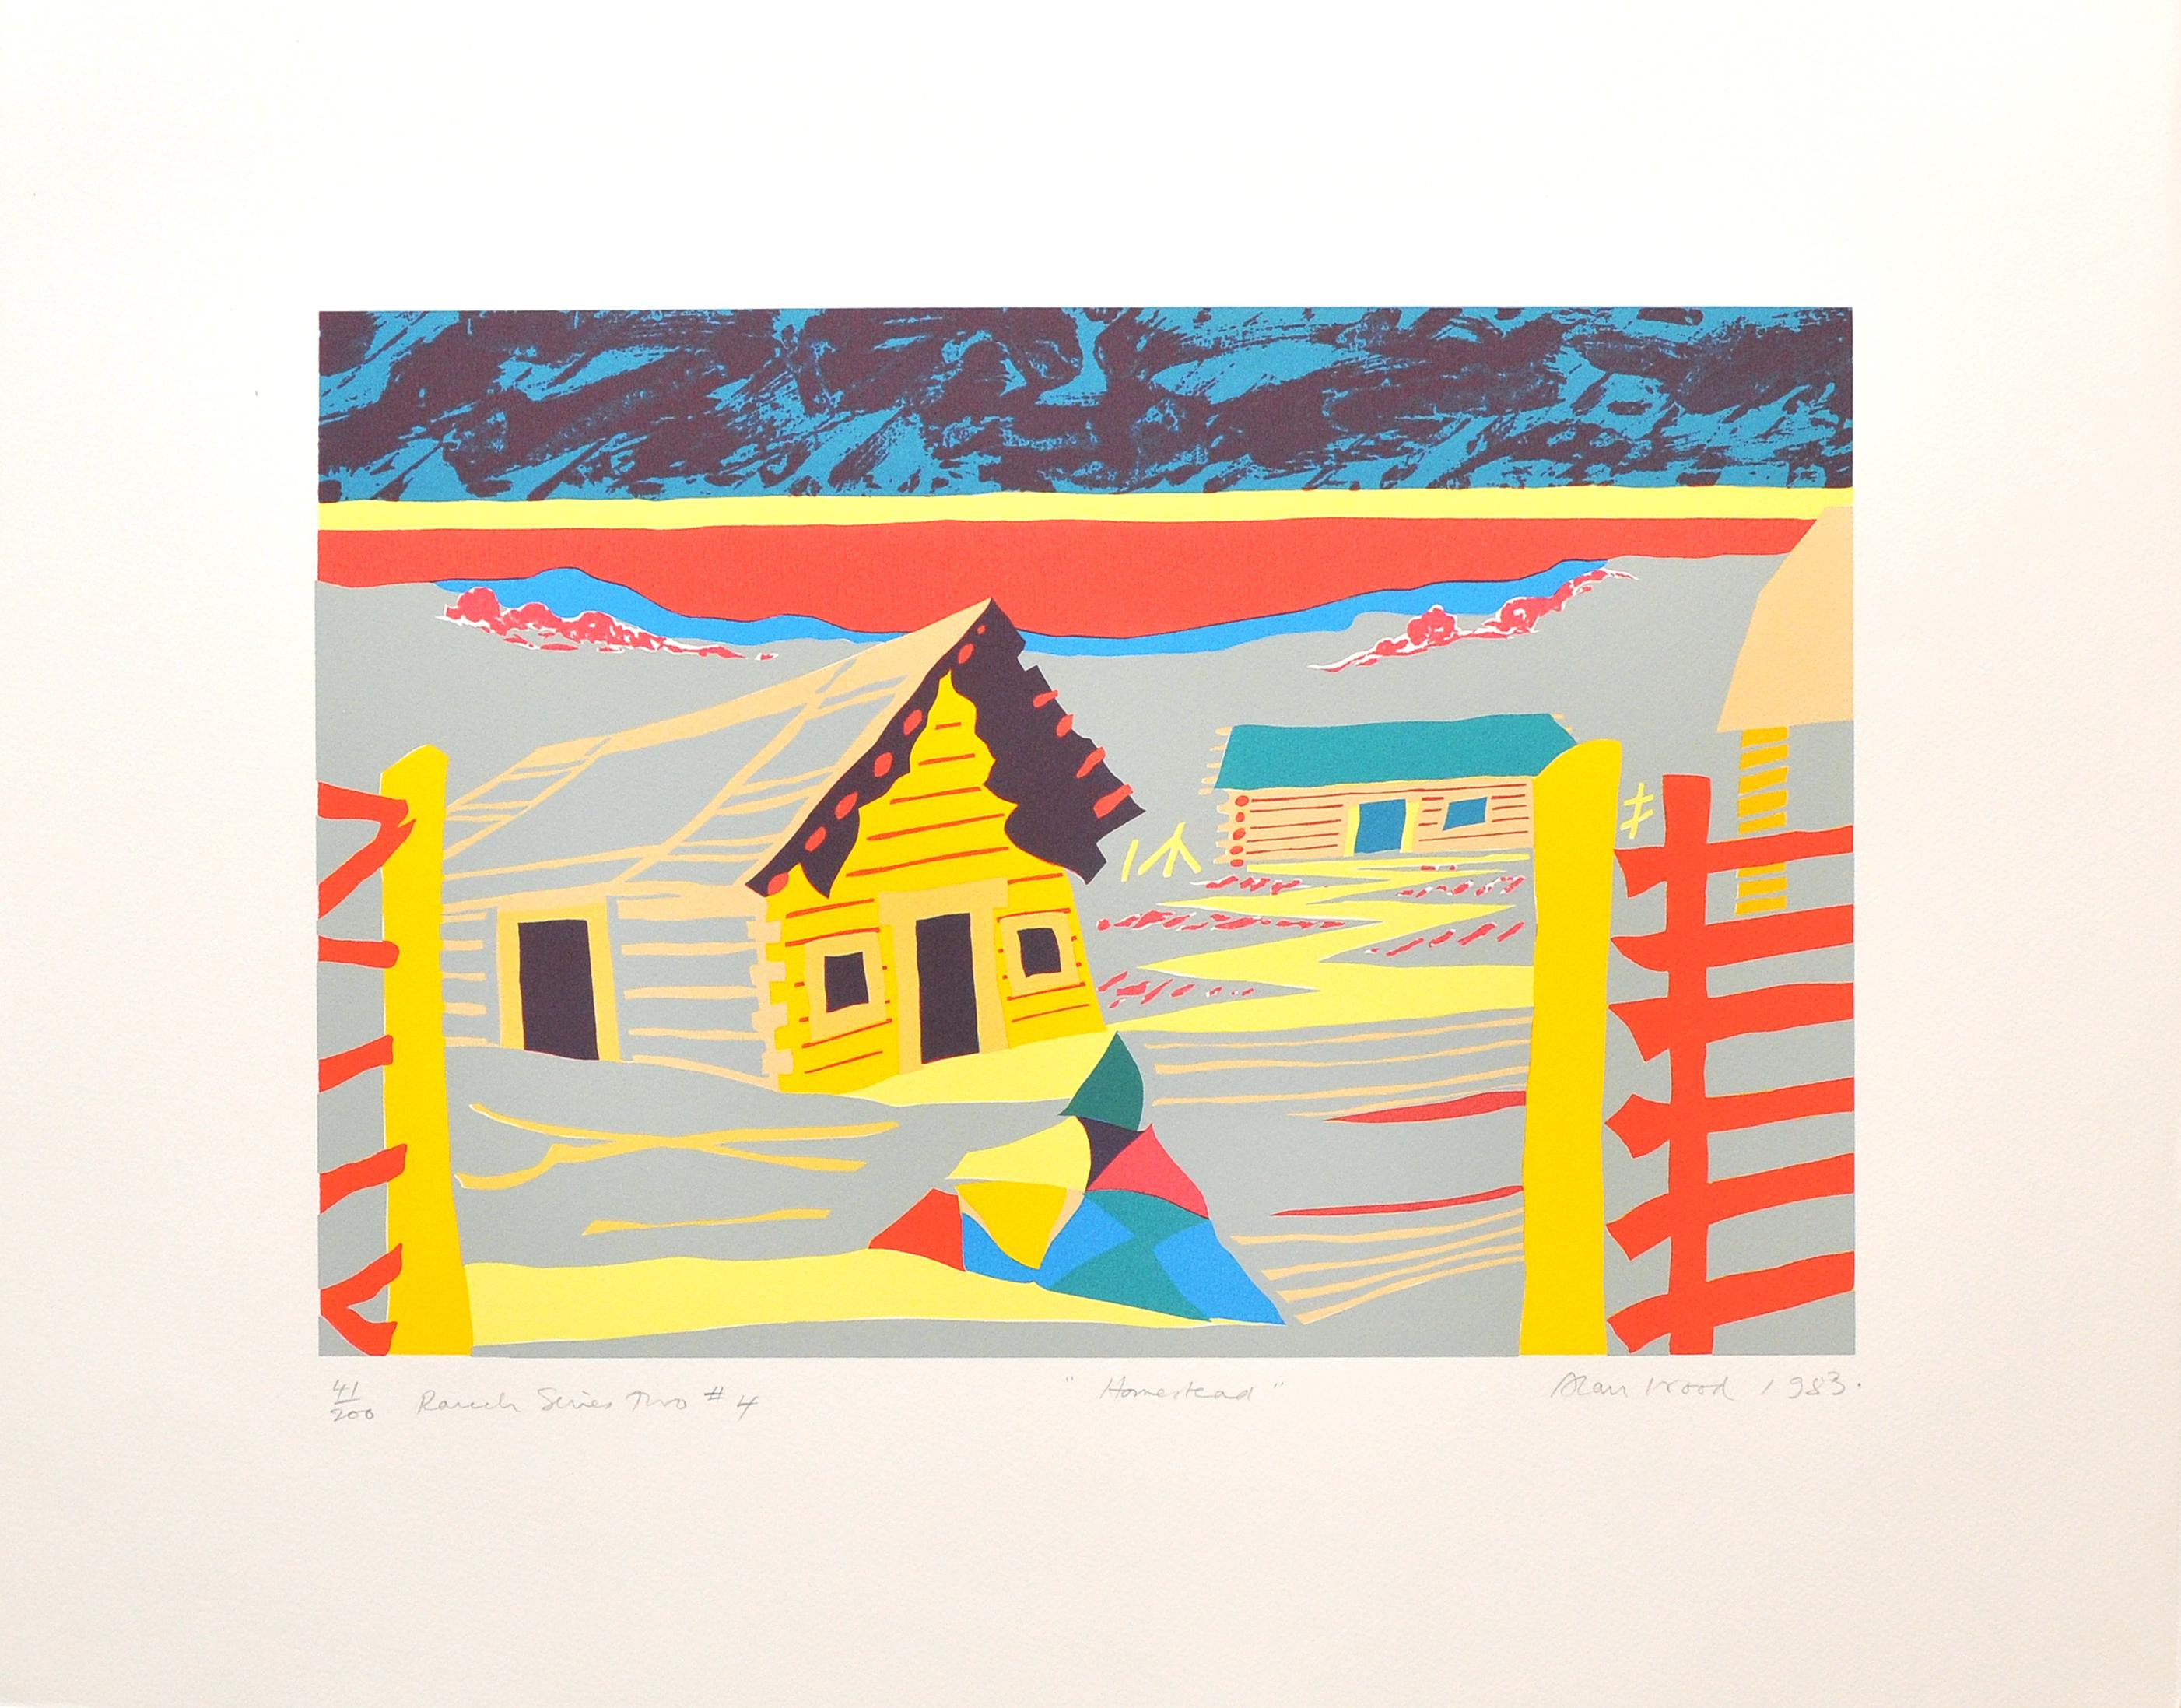 Alan_Woods_1983_Prints_#41_RanchSeriesTwo#4_Homestead